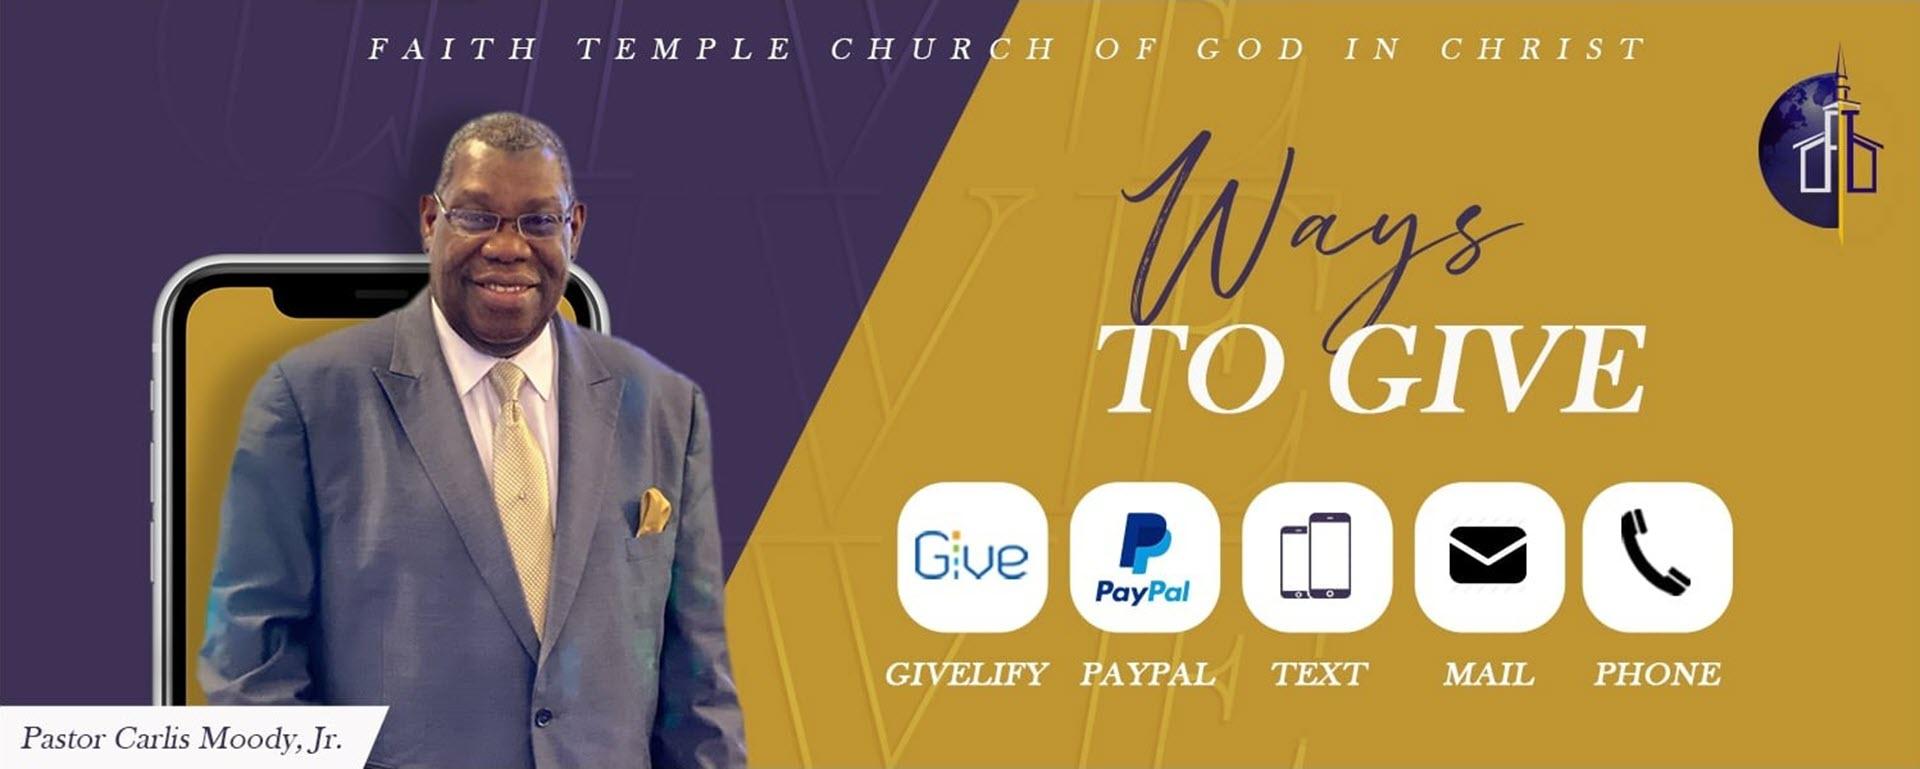 Faith temple giving